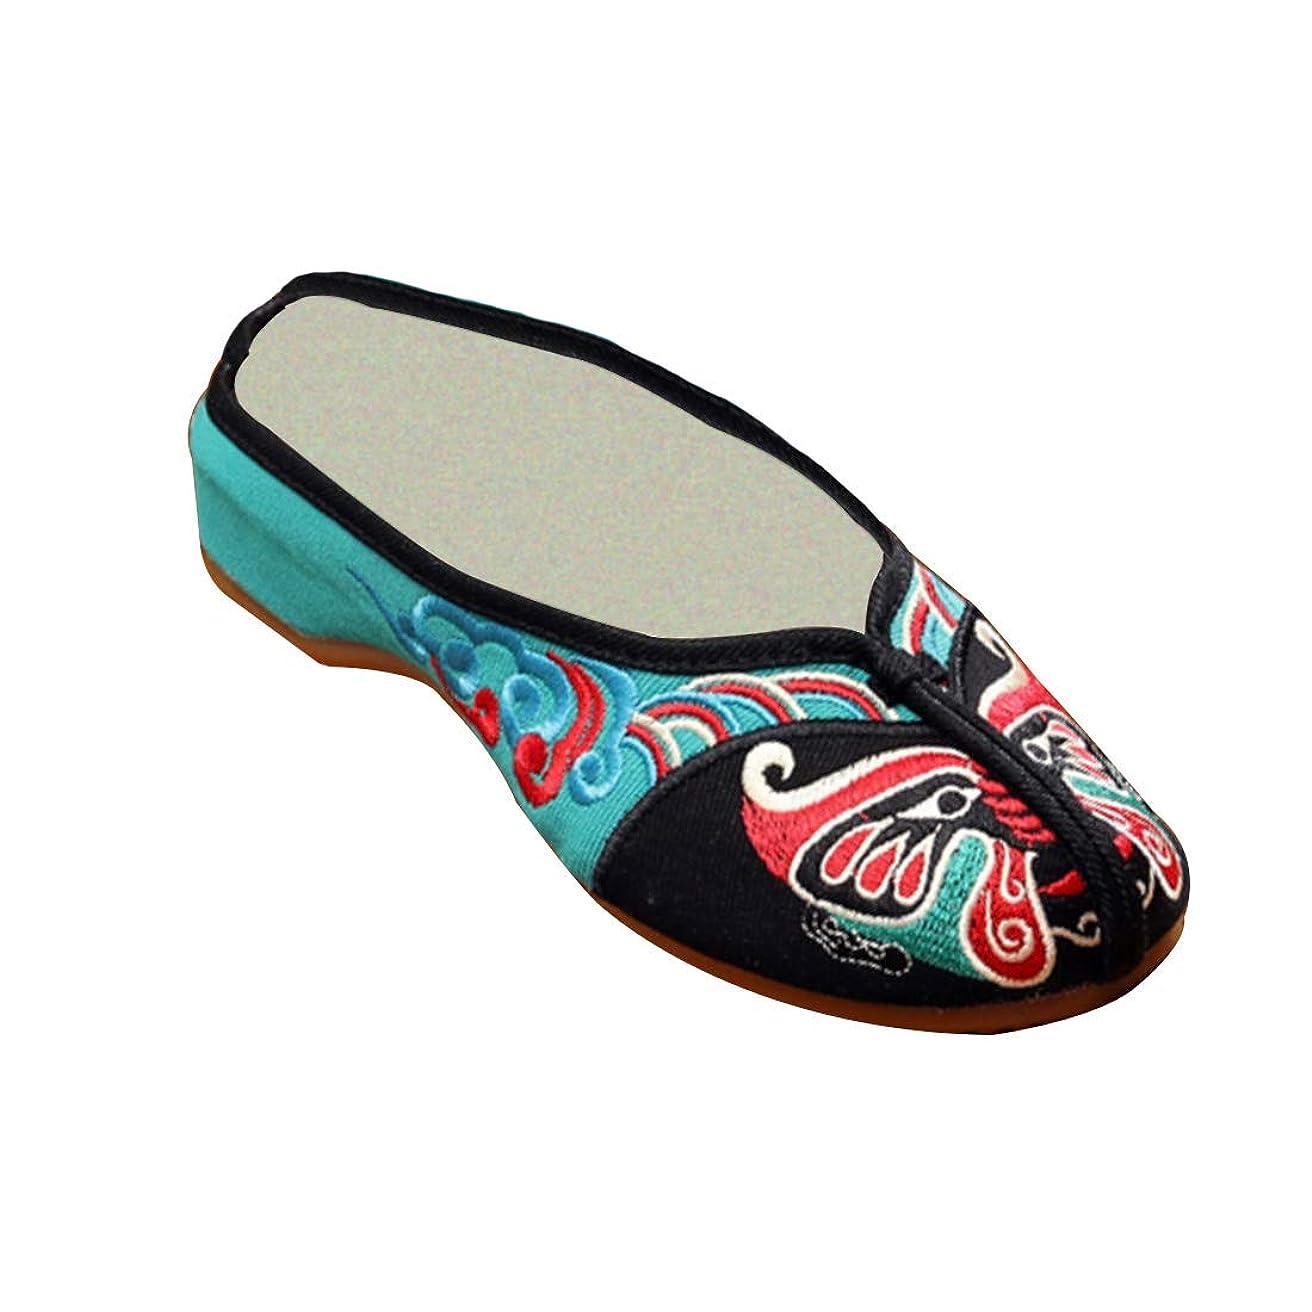 ギャラントリー攻撃的包括的[Aiweijia] レディース刺繍入りフリップフロップクローズド足のスリッパ北京オペラフェイスパターン布靴